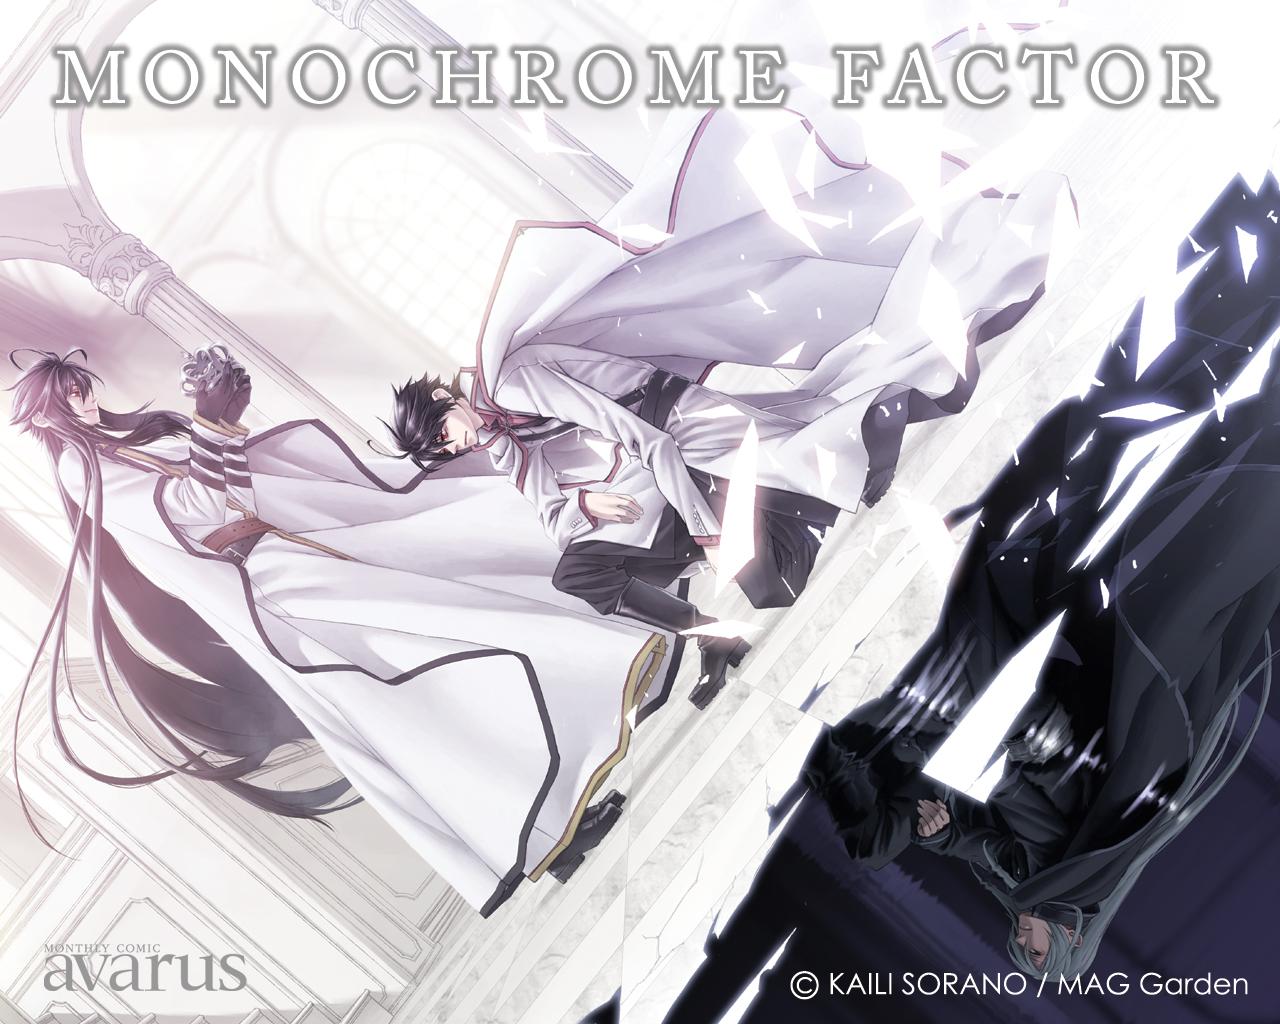 Monochrome Factor Akira Nikaido: Monochrome Factor/#617767